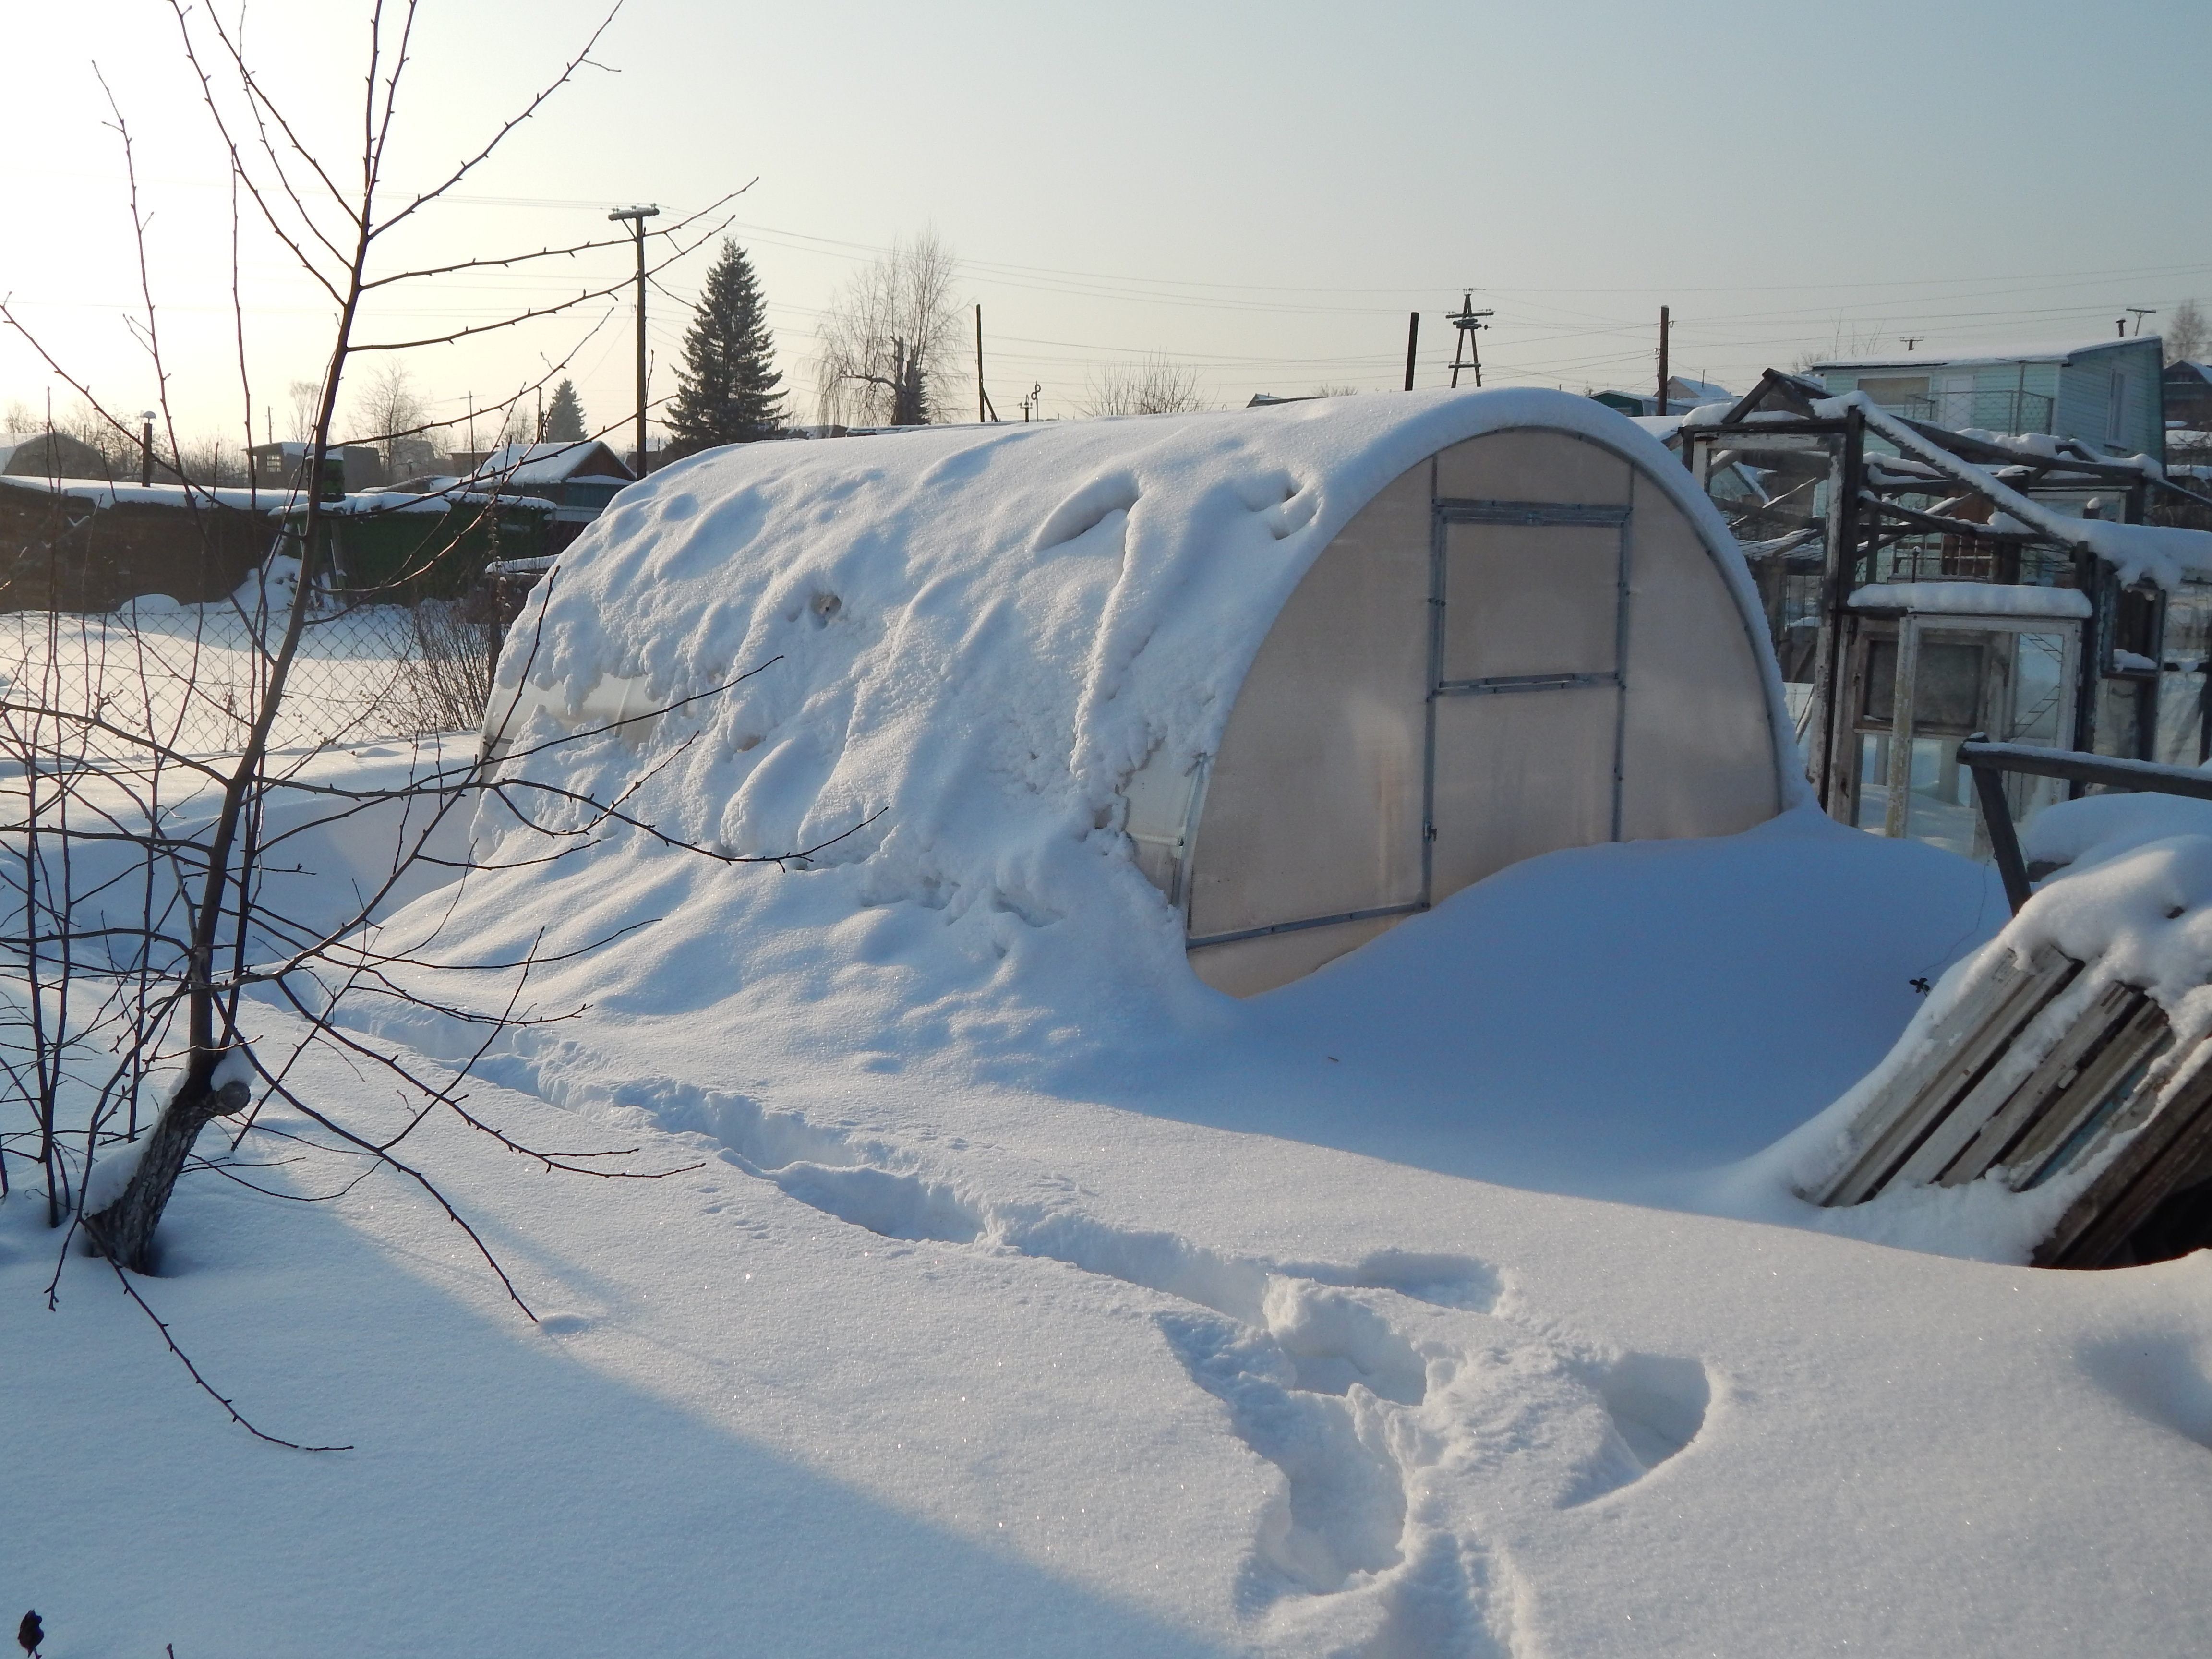 Теплица под поликарбонат, прочная теплица, производитель теплиц,Сверхпрочная теплица, теплица зима